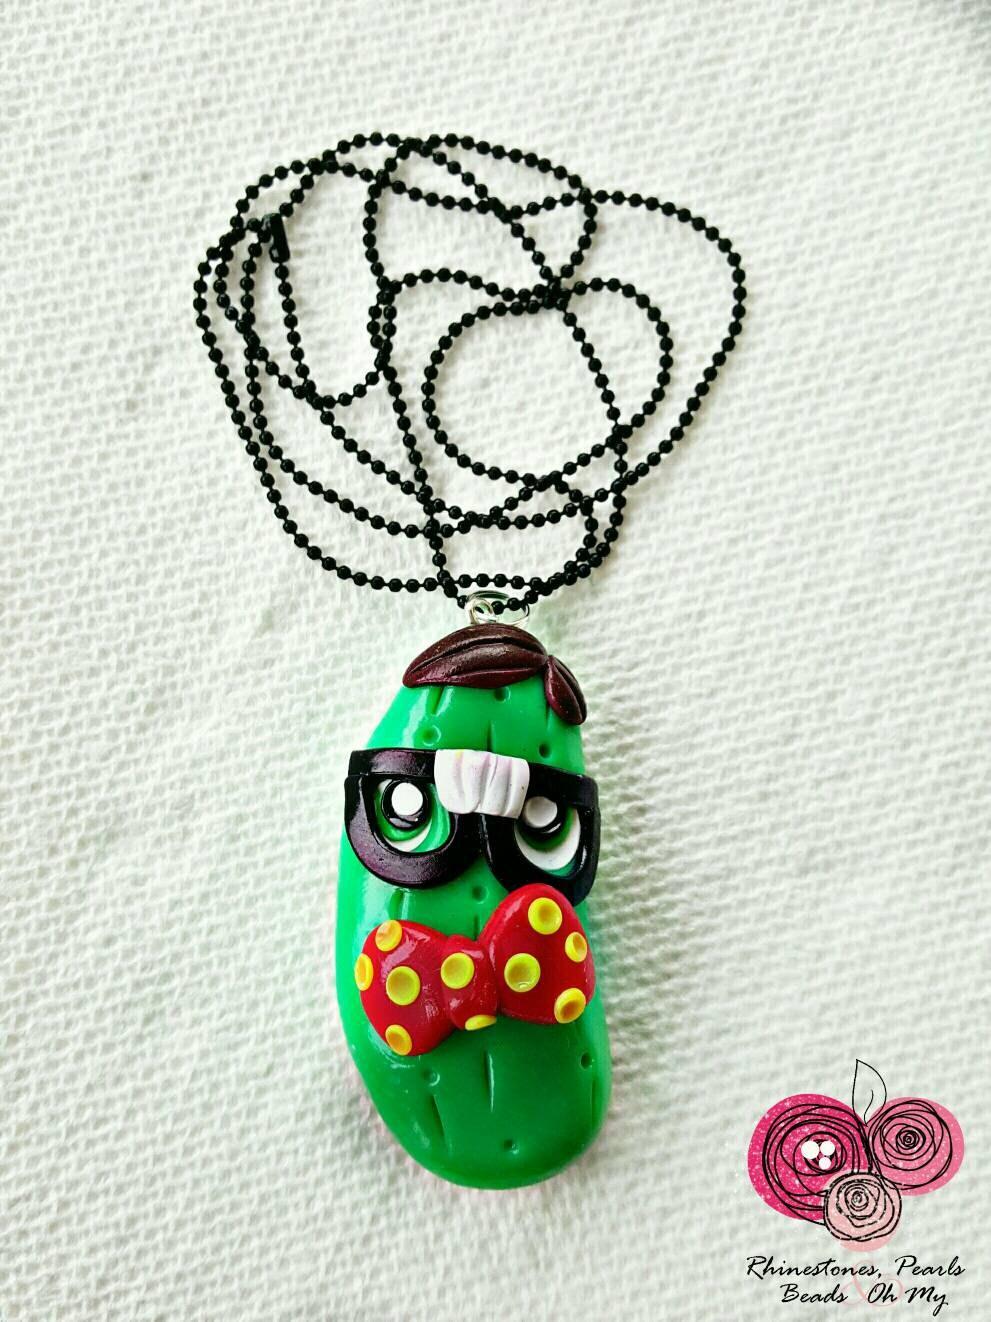 nerdy pickle necklace birthday gift bubblegum